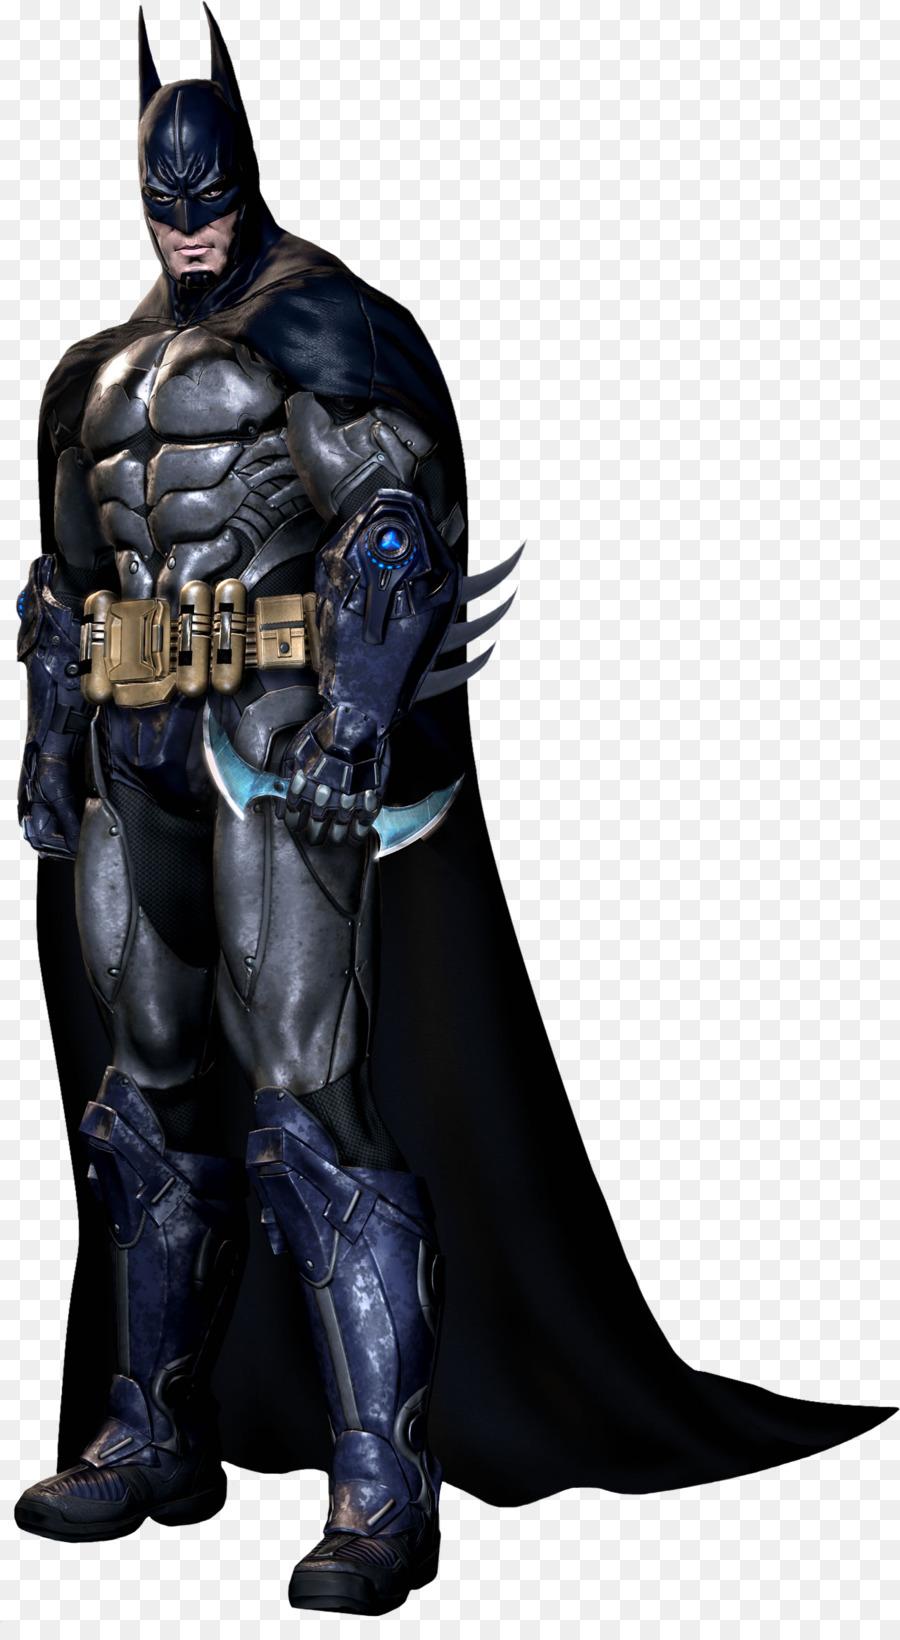 Asylum city joker ben. Batman clipart batman arkham knight